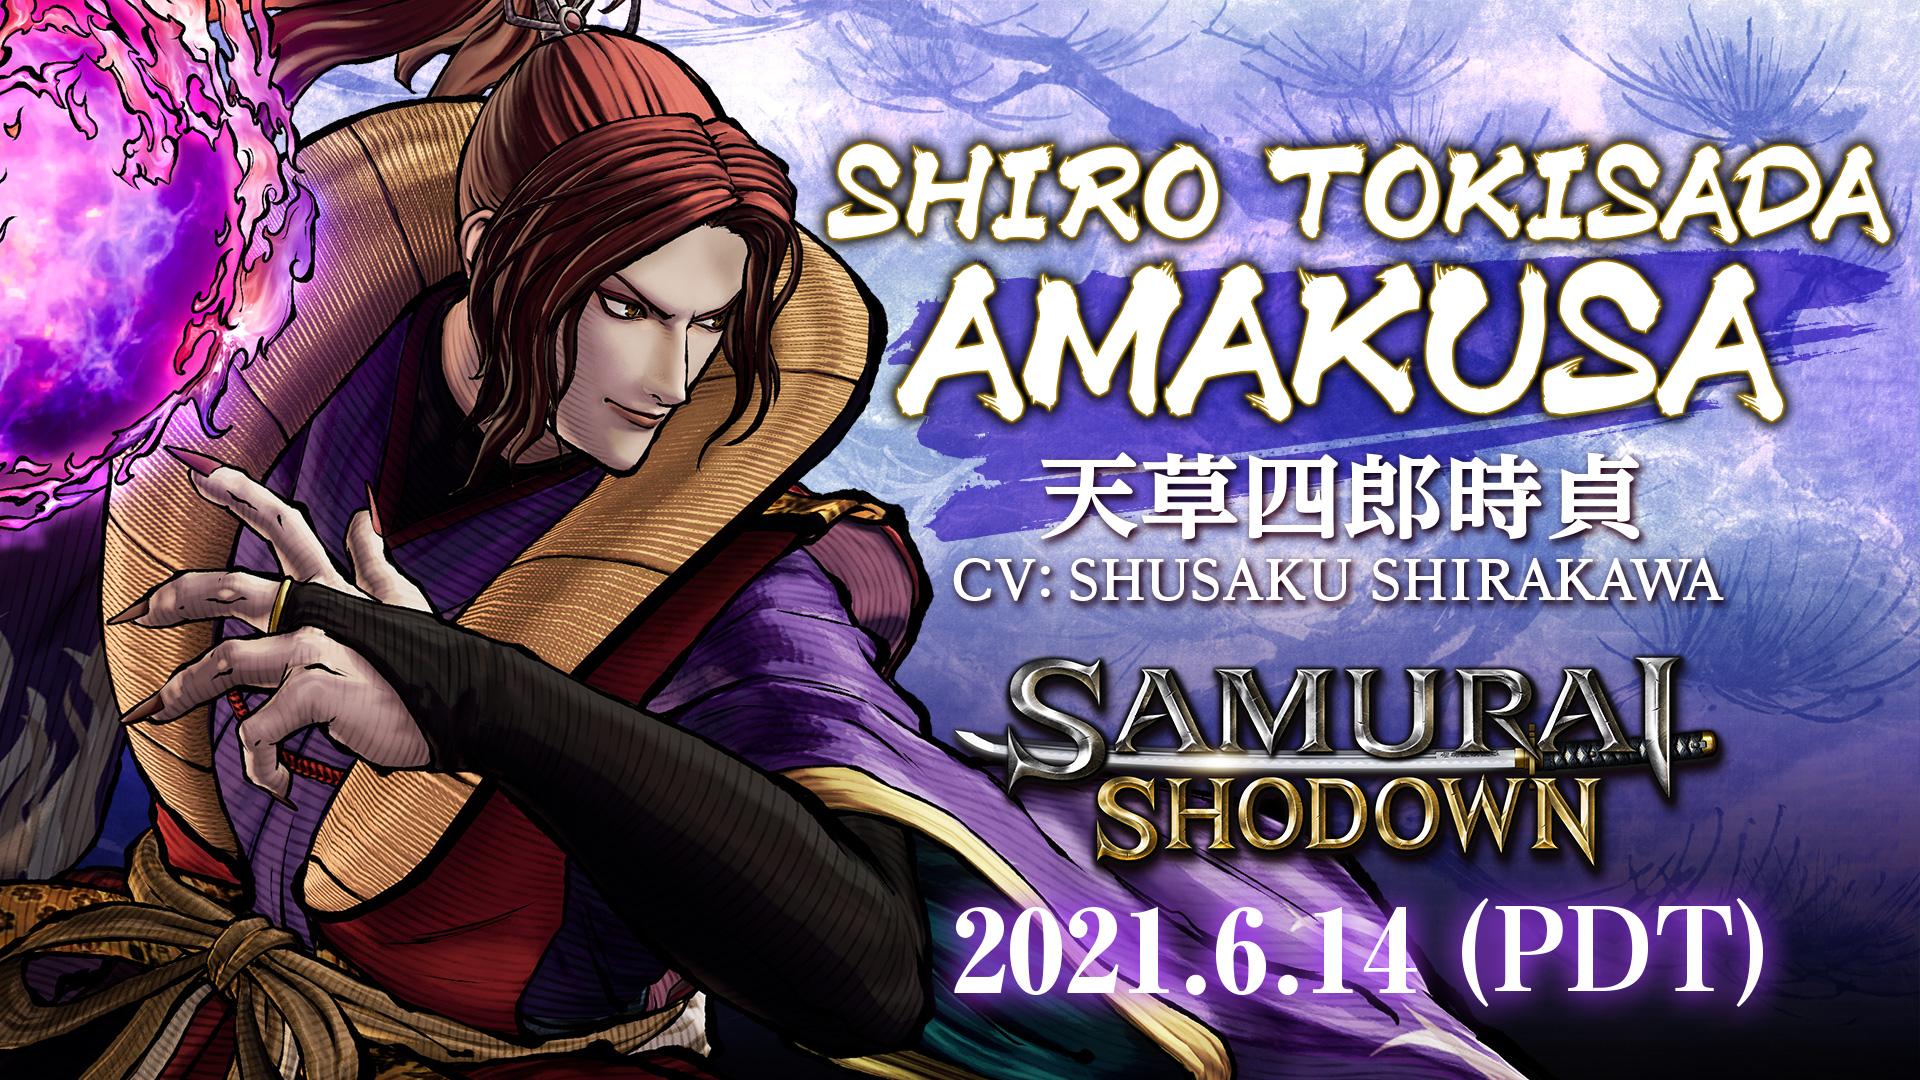 Samurai shodown shiro tokisada amakusa 2